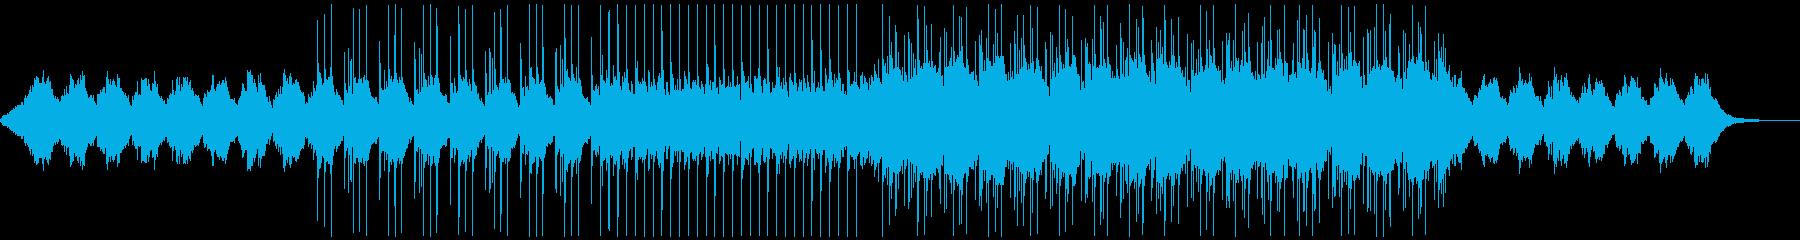 キラキラな透明感 S(Inst)の再生済みの波形